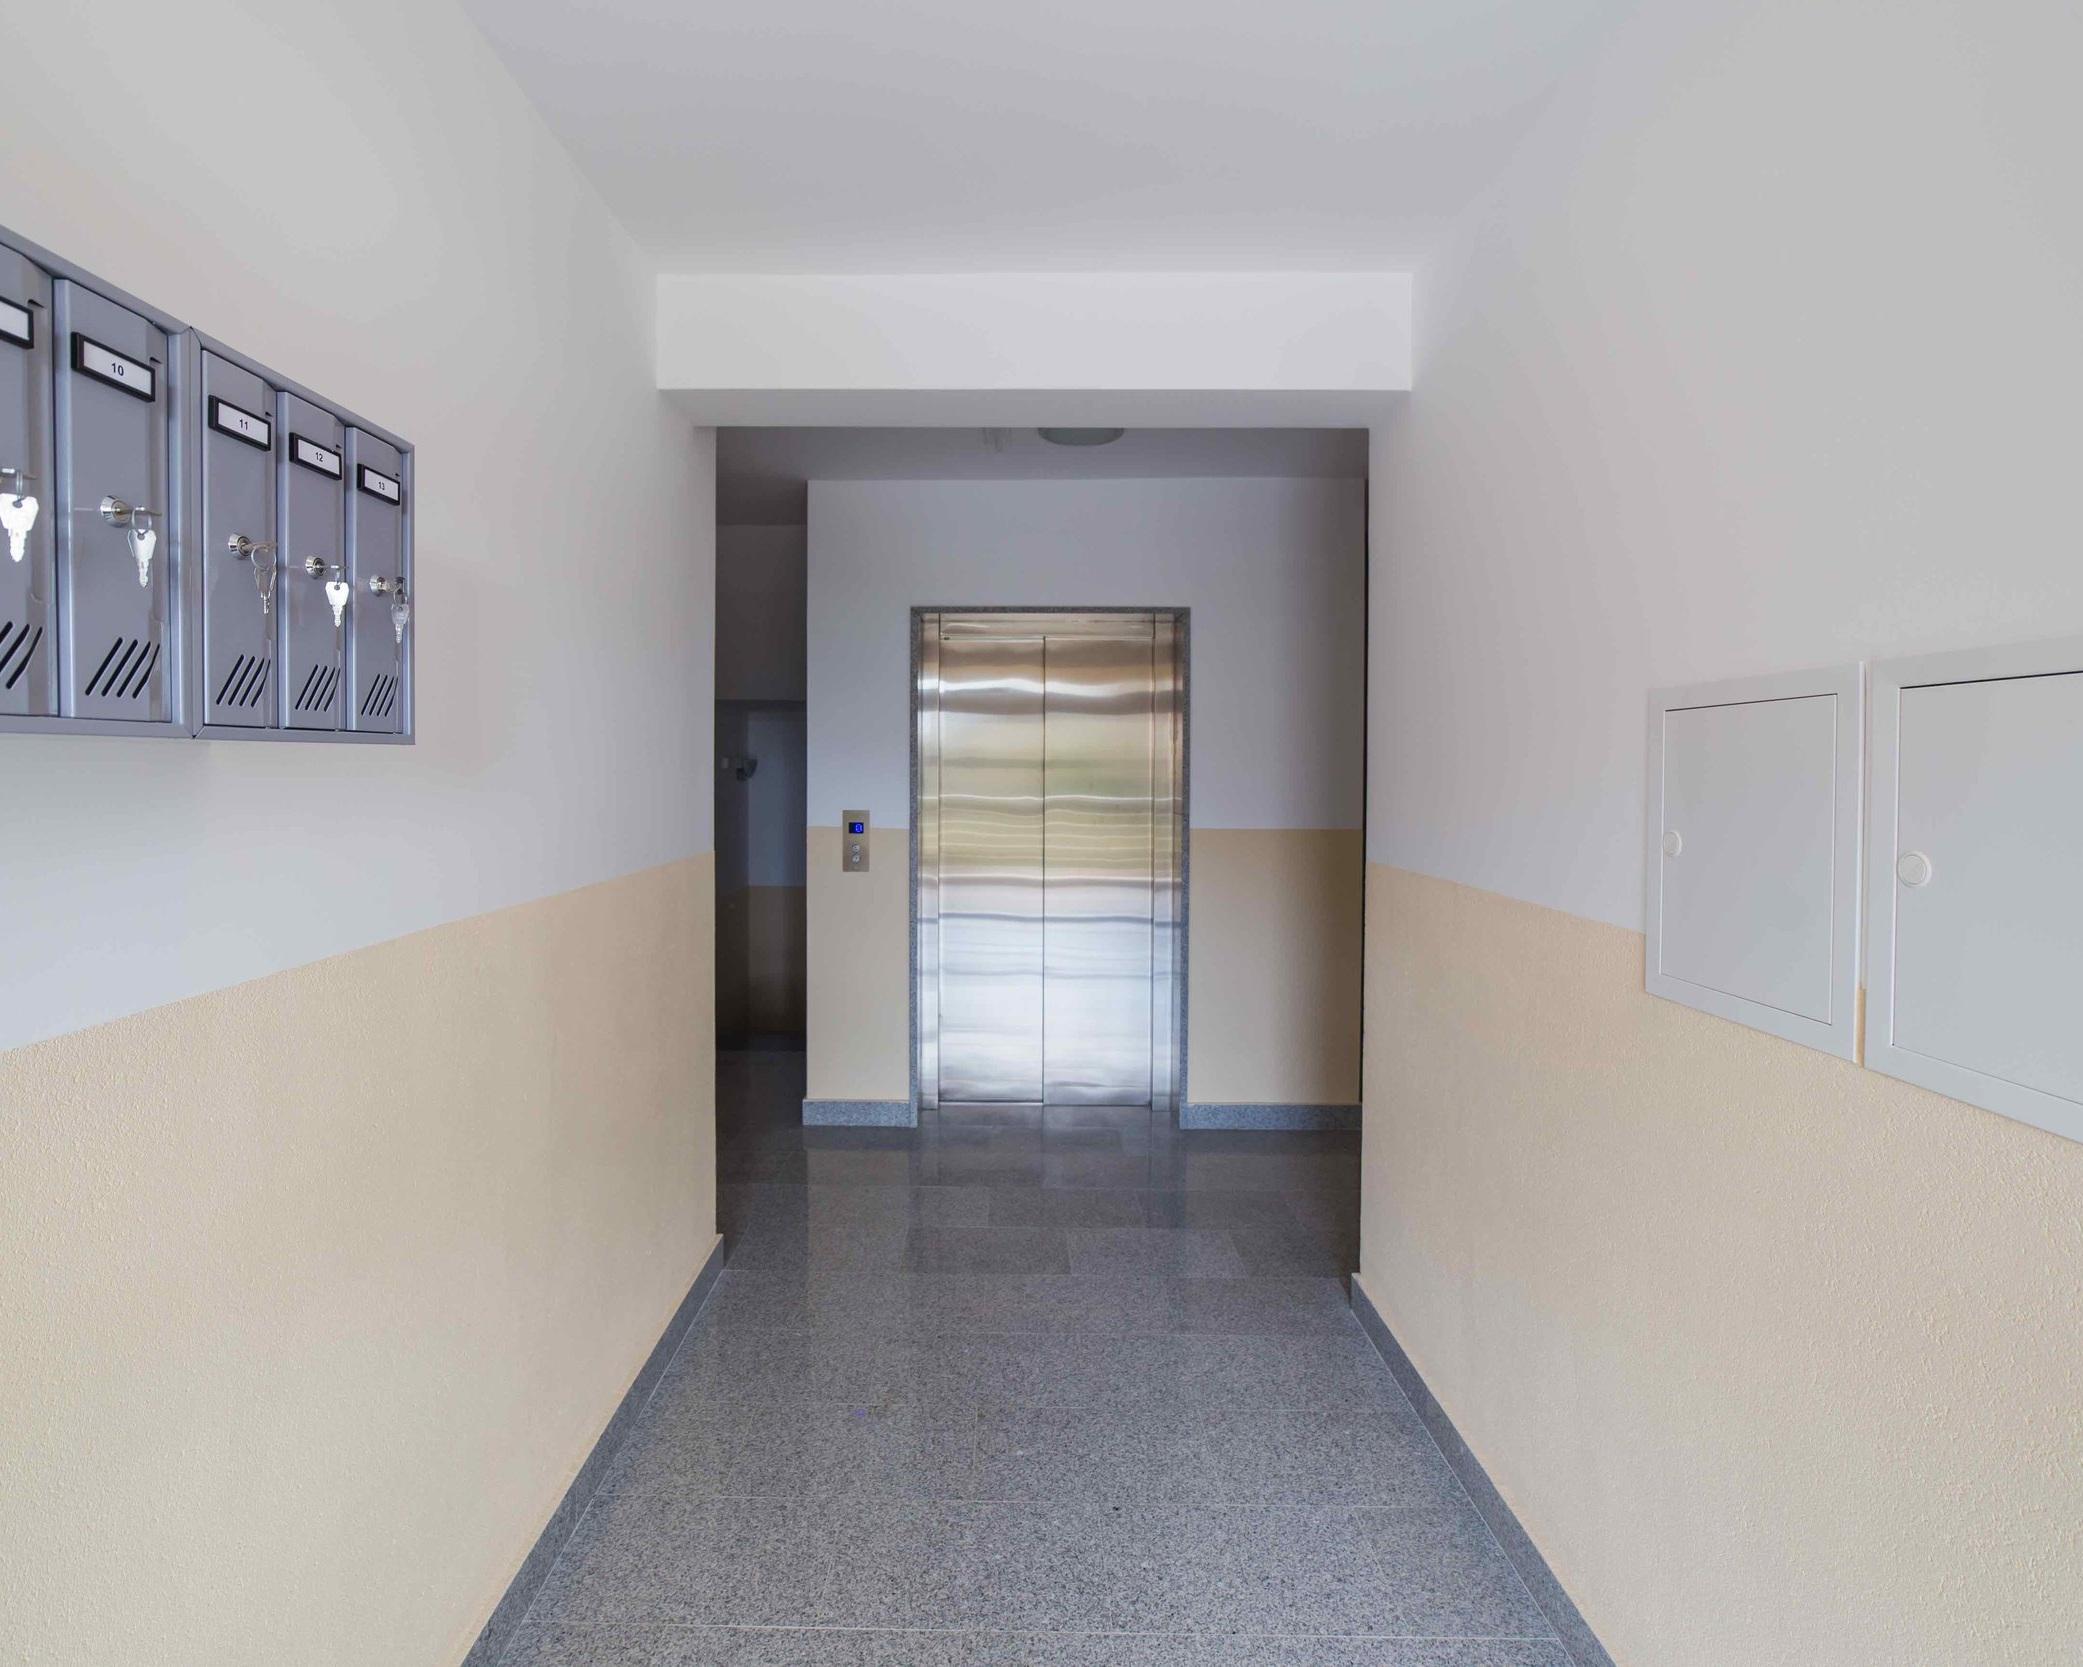 """Общая площадь дома - 1490 кв. м. - Высокая доходность (9-12% при загрузке номеров 75%).Стабильно высокий и устойчивый спрос на заказ номеров в данной локации.""""IVANOVICI"""" включает в себя 13 жилых апартаментов (нулевой + 3 этажа), уровень подземных гаражей и большую площадь технических помещений - под фитнес-зал, сауну, бильярдную, игровой зал, склады или любой другой необходимый вам функционал.На 4-х этажах здания расположено 13 номеров, 7 гаражных мест и 212 м2 функционально зонированных подсобных помещений.Причина продажи - укрупнение бизнеса."""